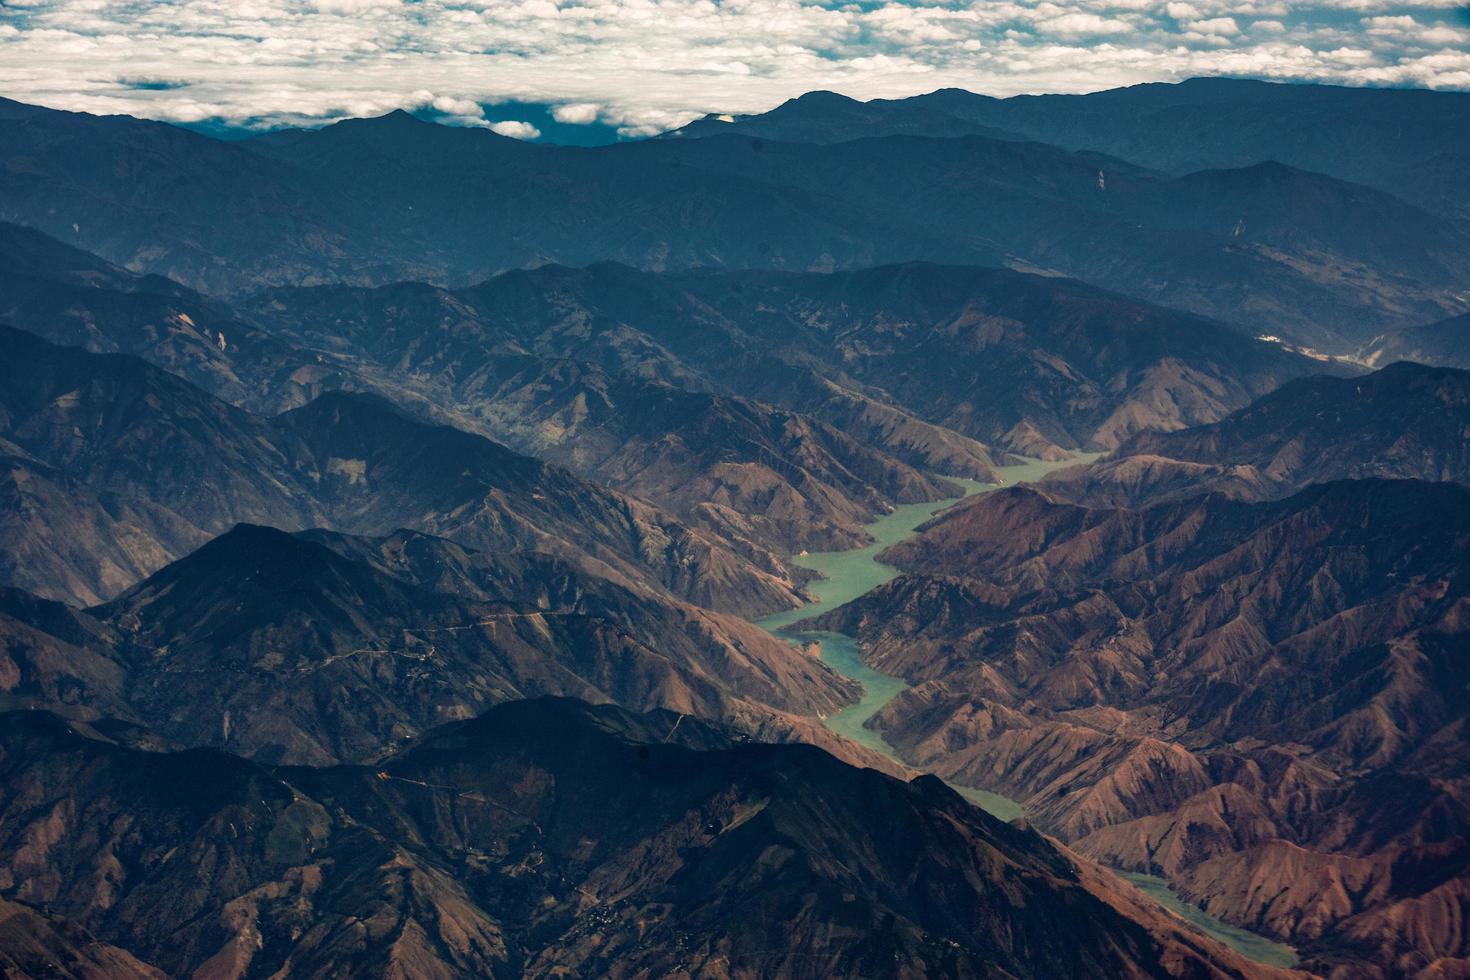 rivière entre montagnes noires et brunes photo